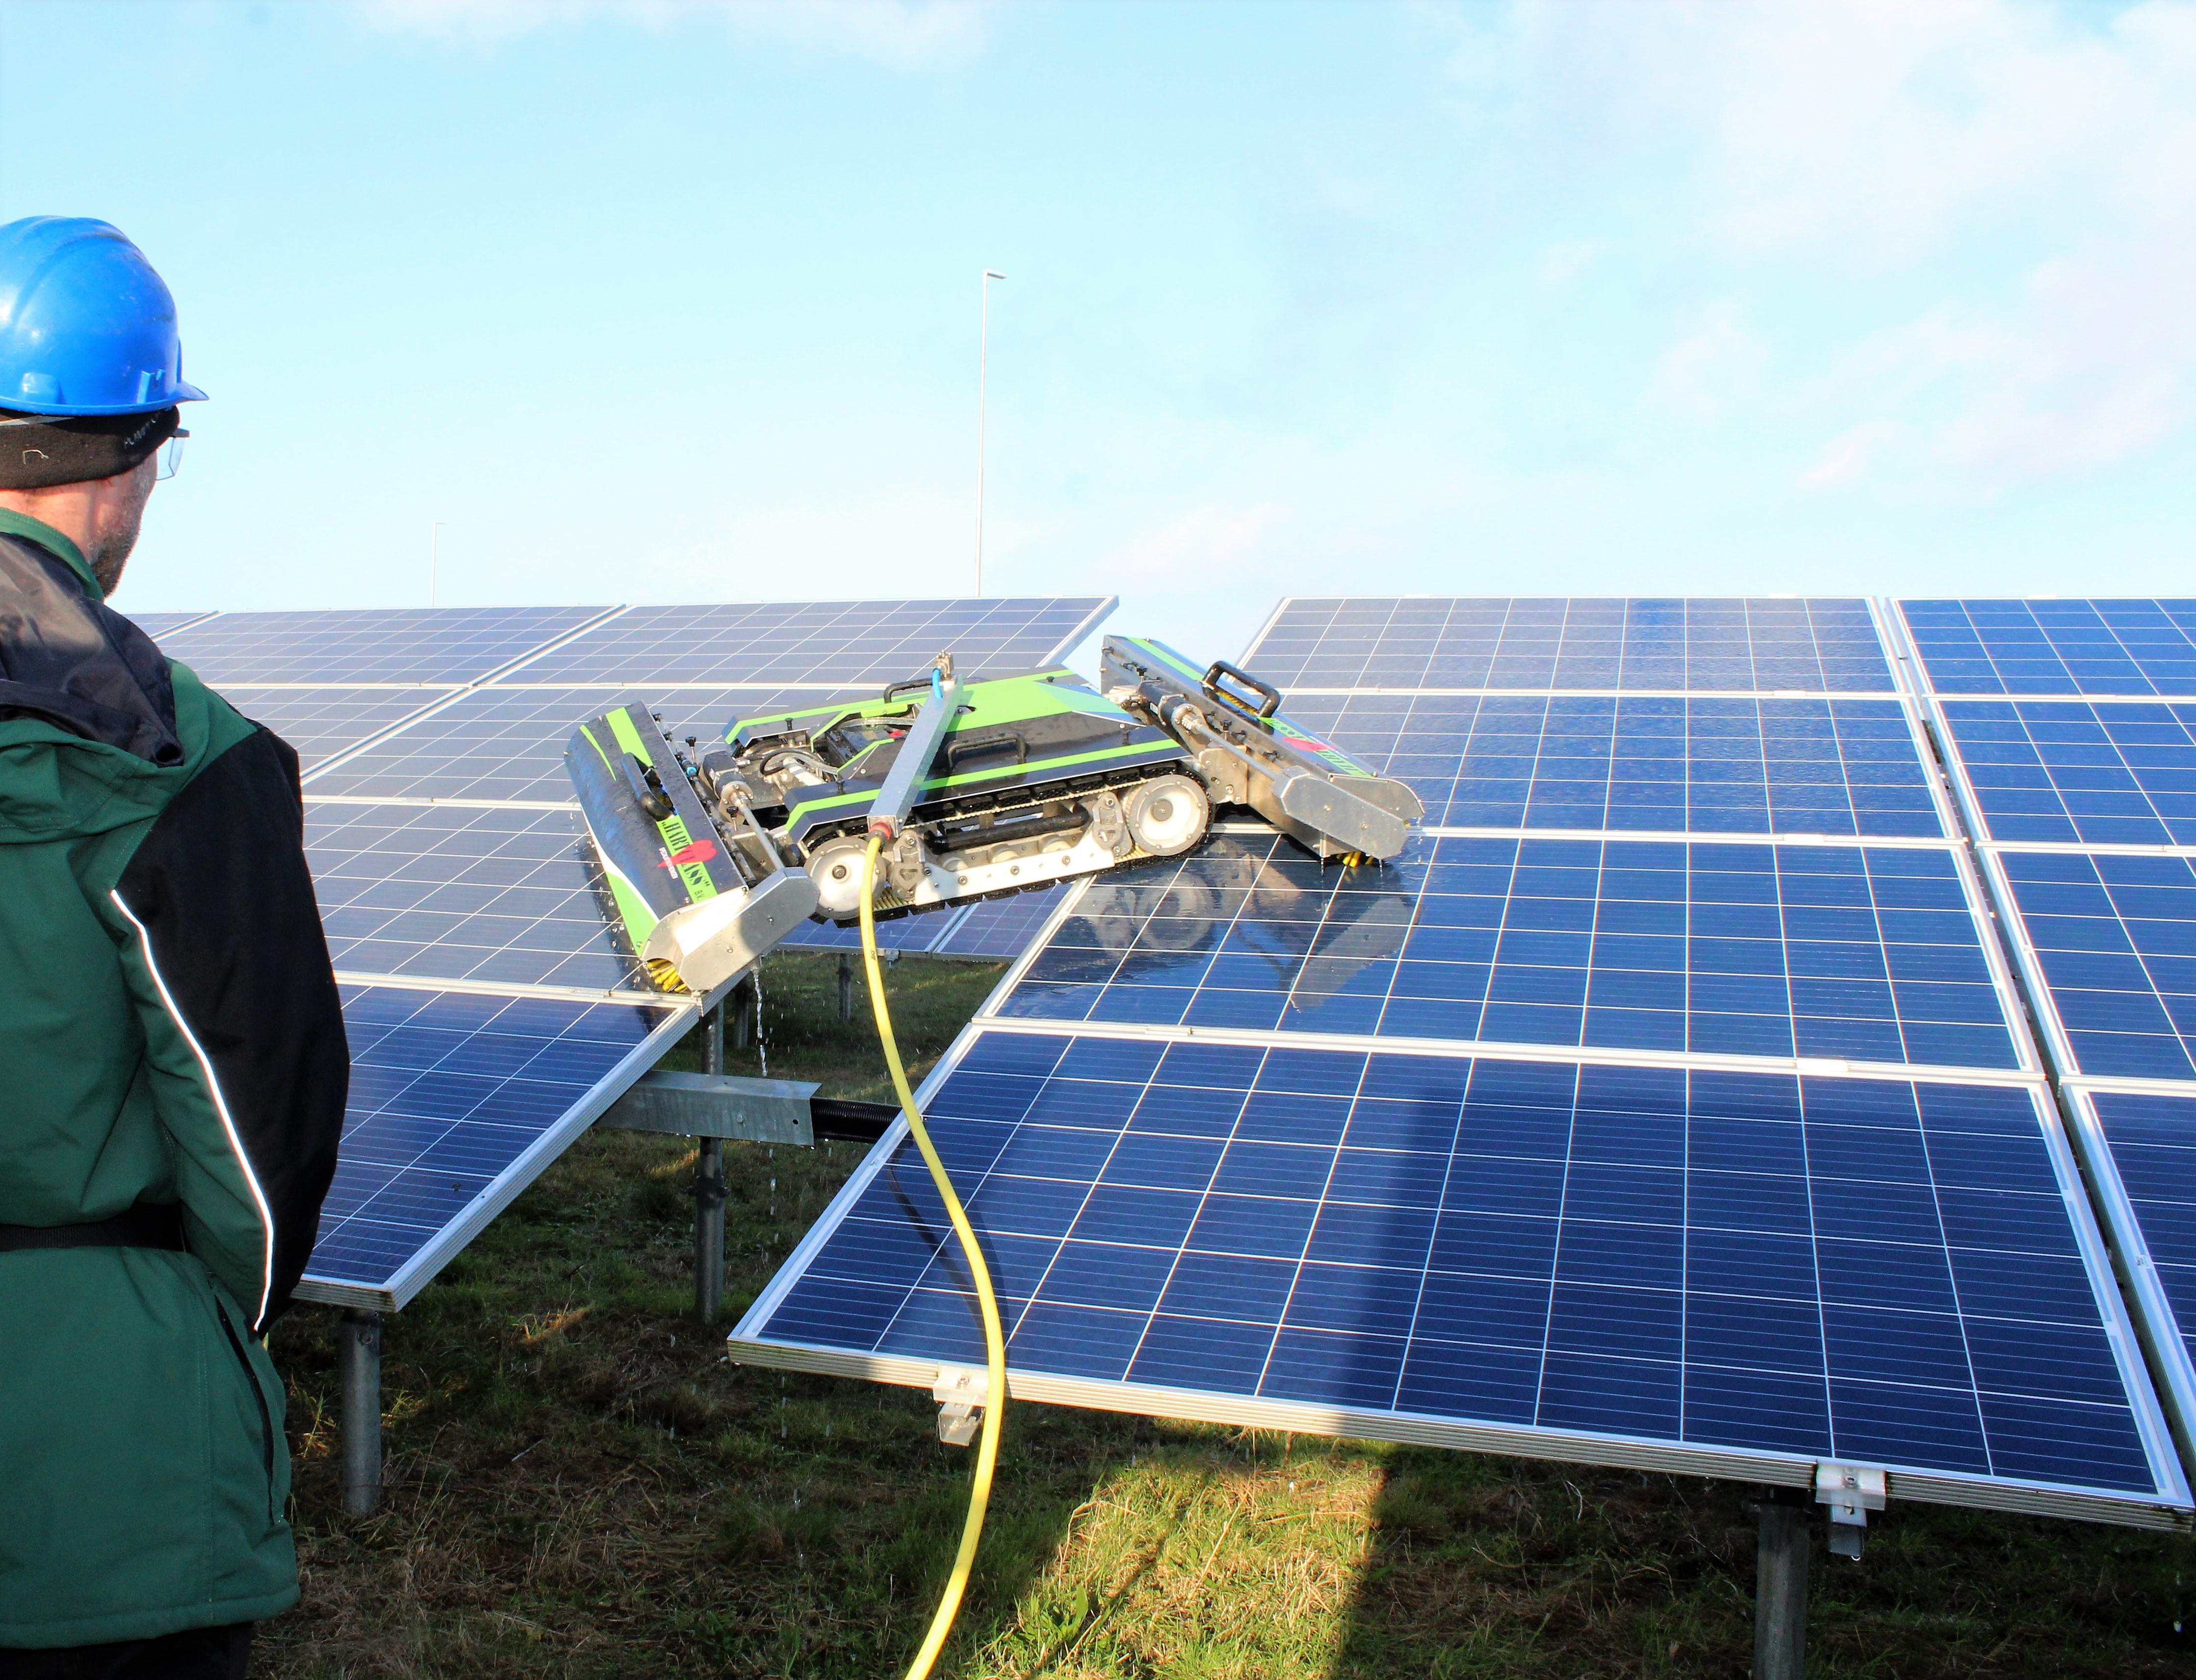 wél groene energie, géén groene panelen